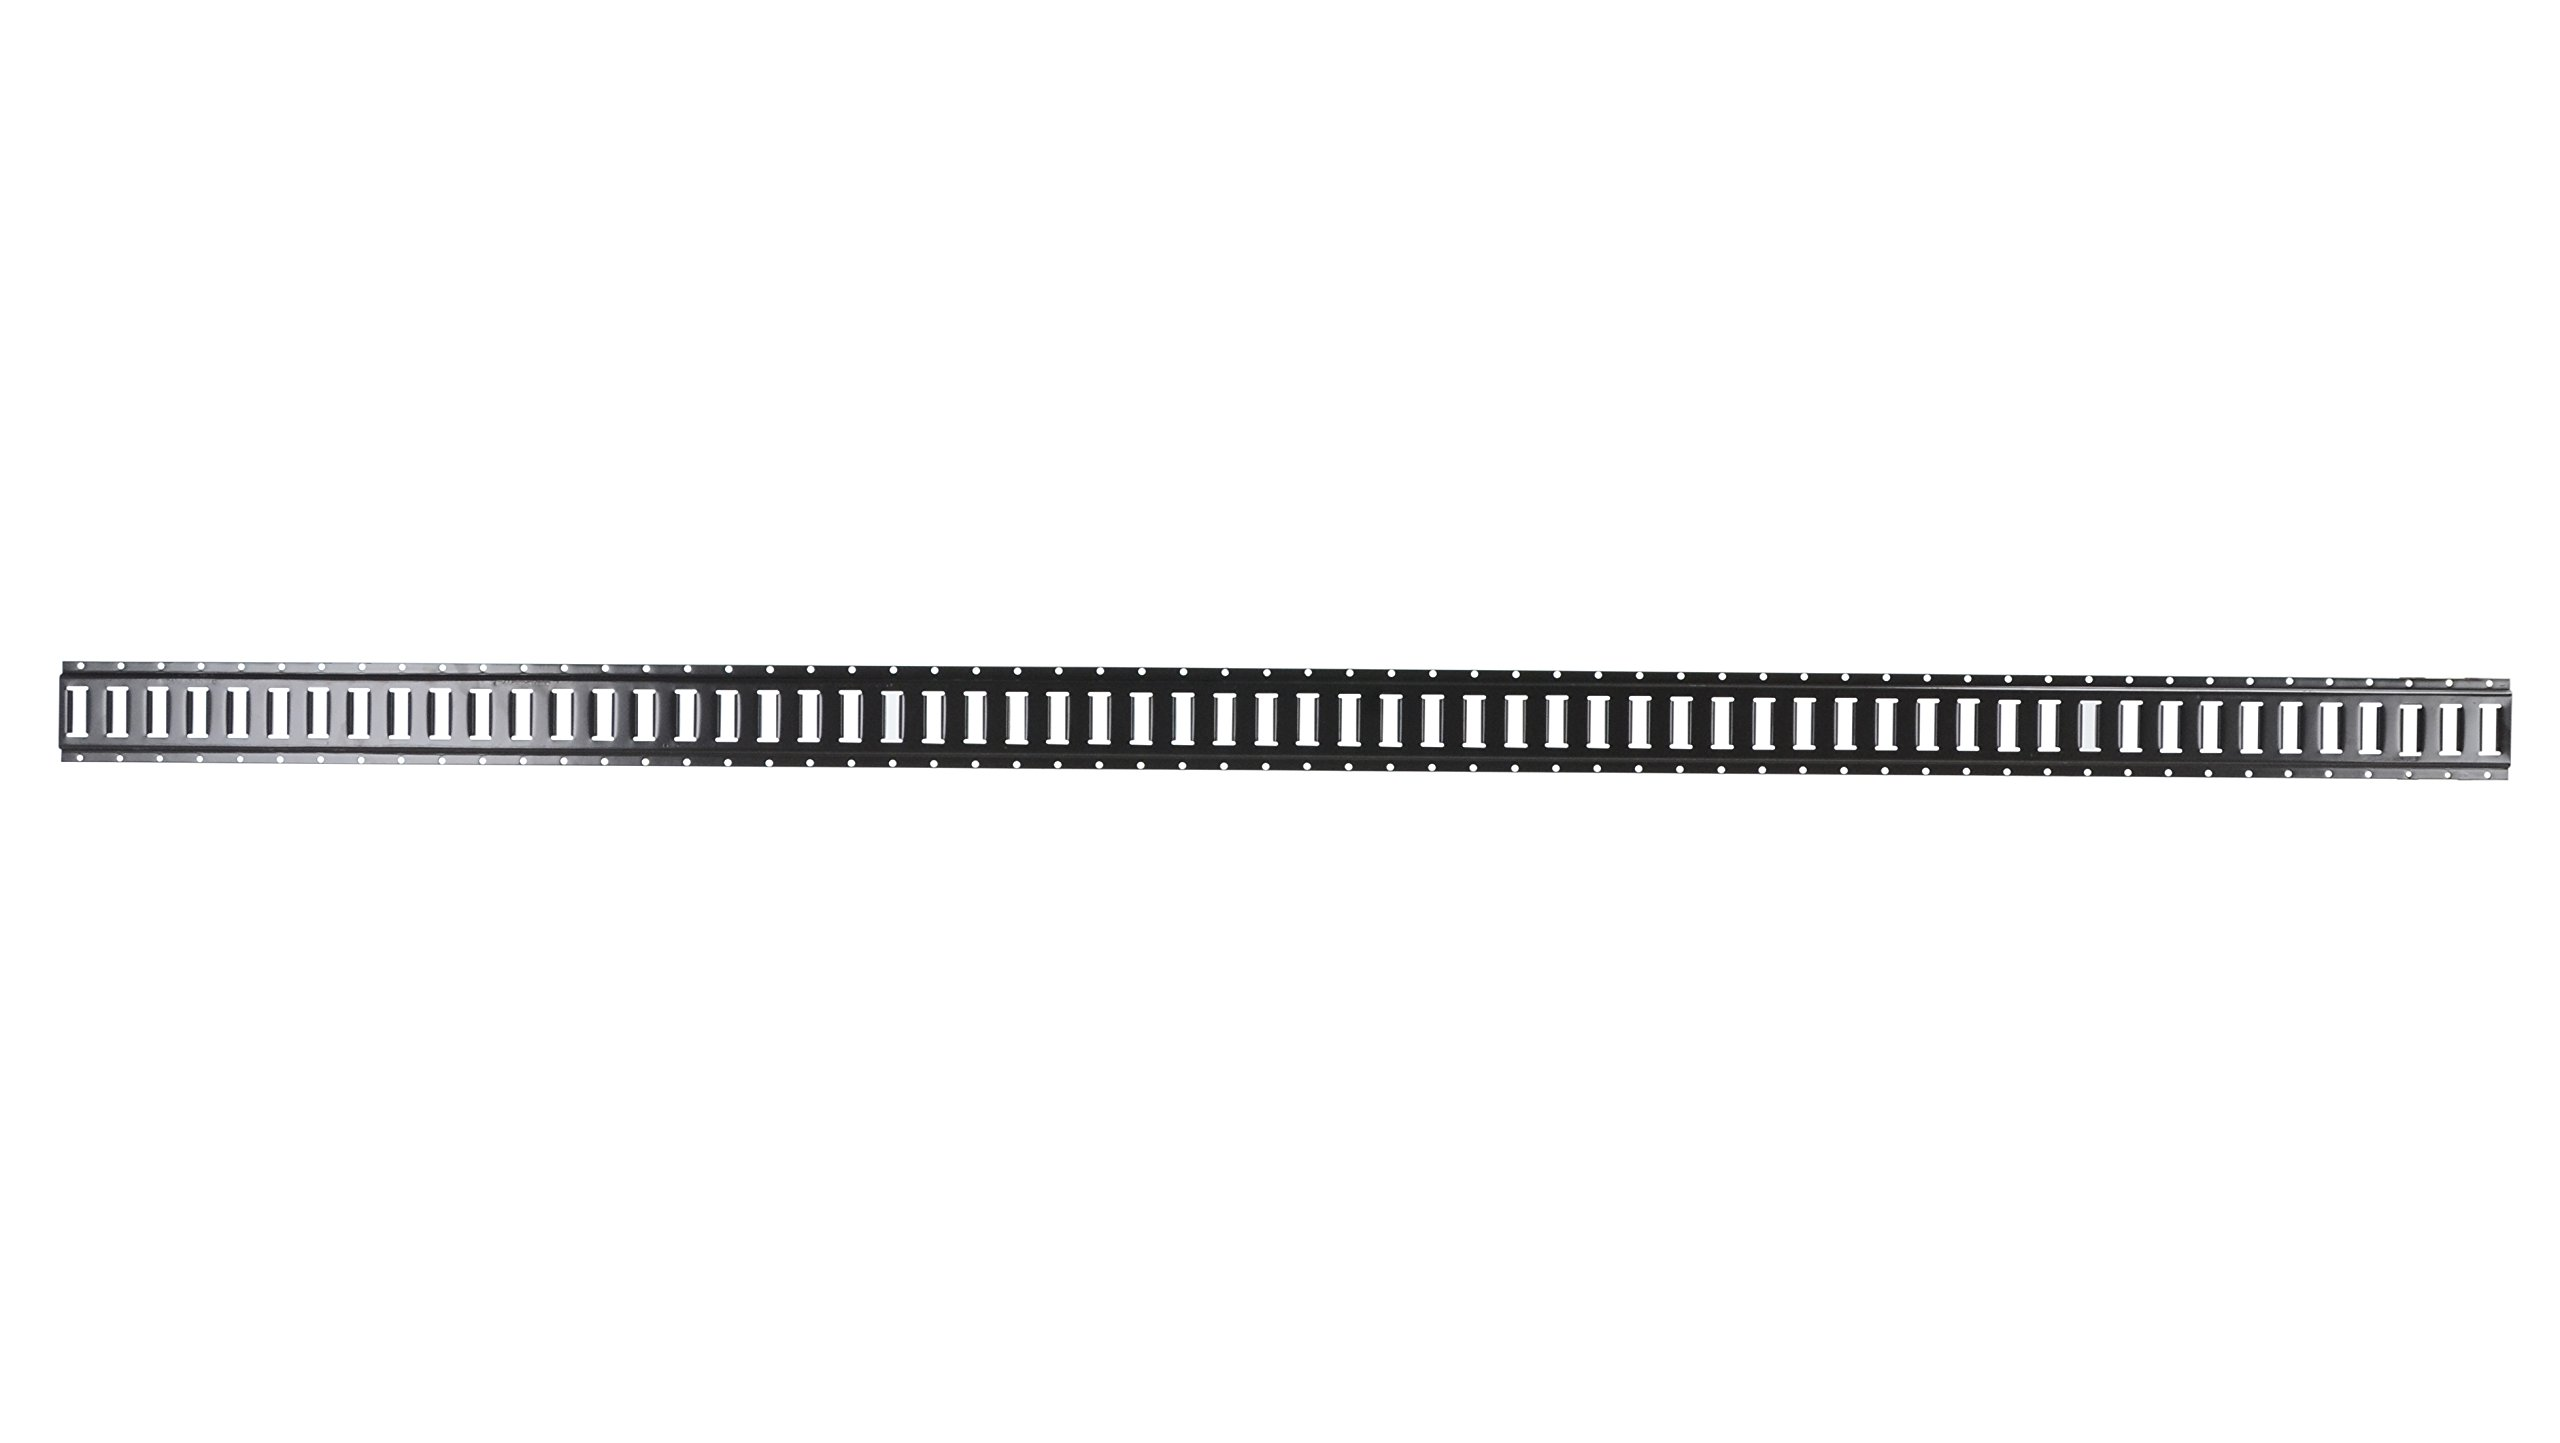 Vestil E-TRACK Steel Section of E-Track for Trailers, 10' Length